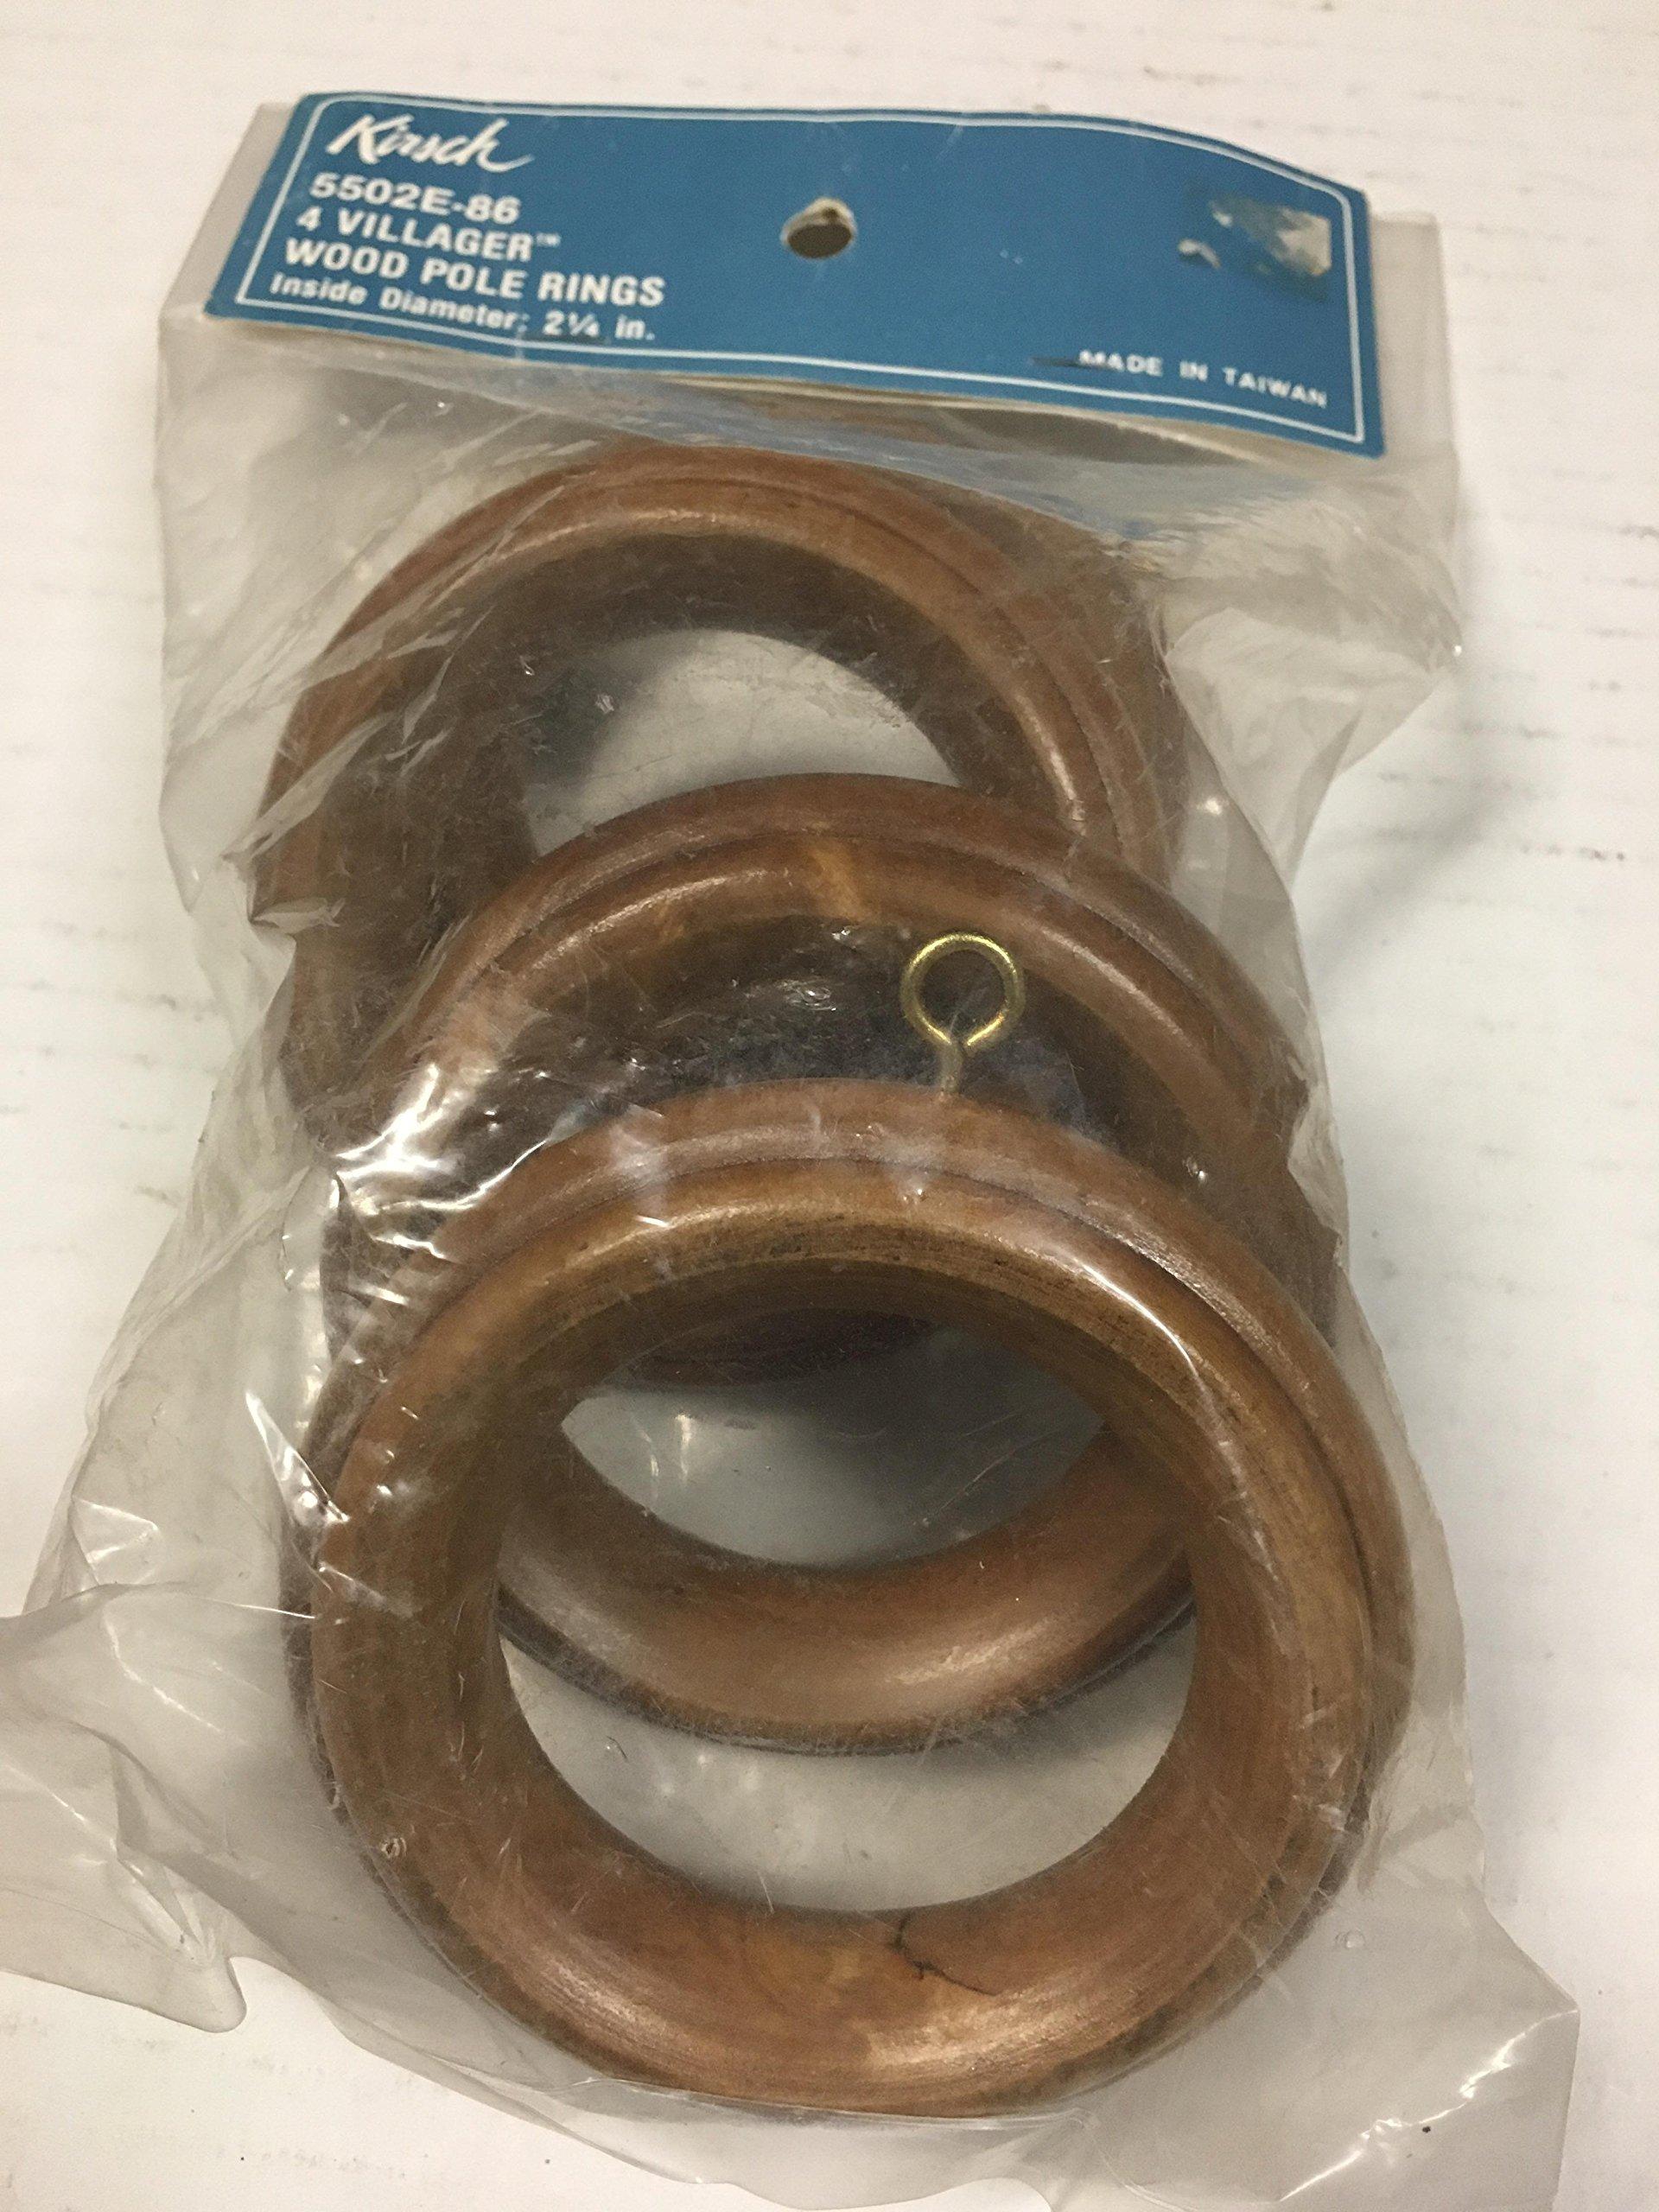 Kirsch 5502E-86, 4 villager wood pole rings diameter 2 1/4''